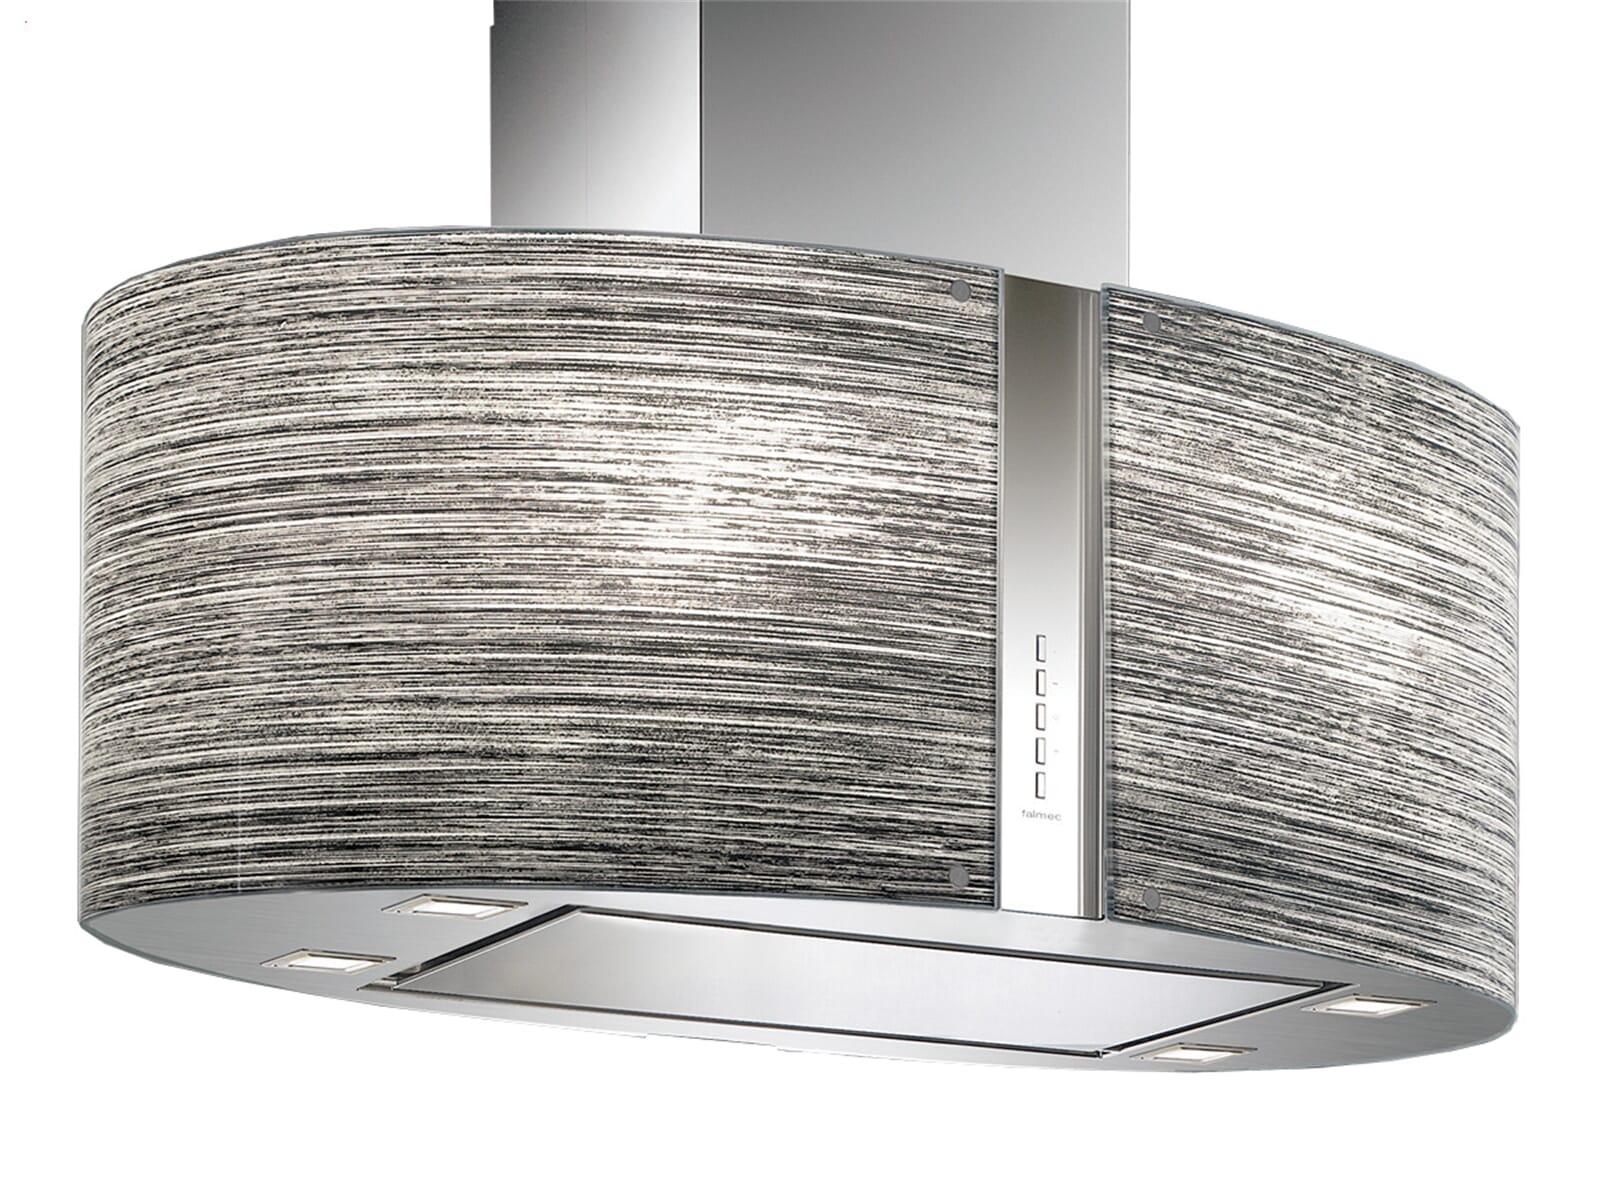 falmec mirabilia elektra insel dunstabzugshaube edelstahl f r 2060 10 eur. Black Bedroom Furniture Sets. Home Design Ideas